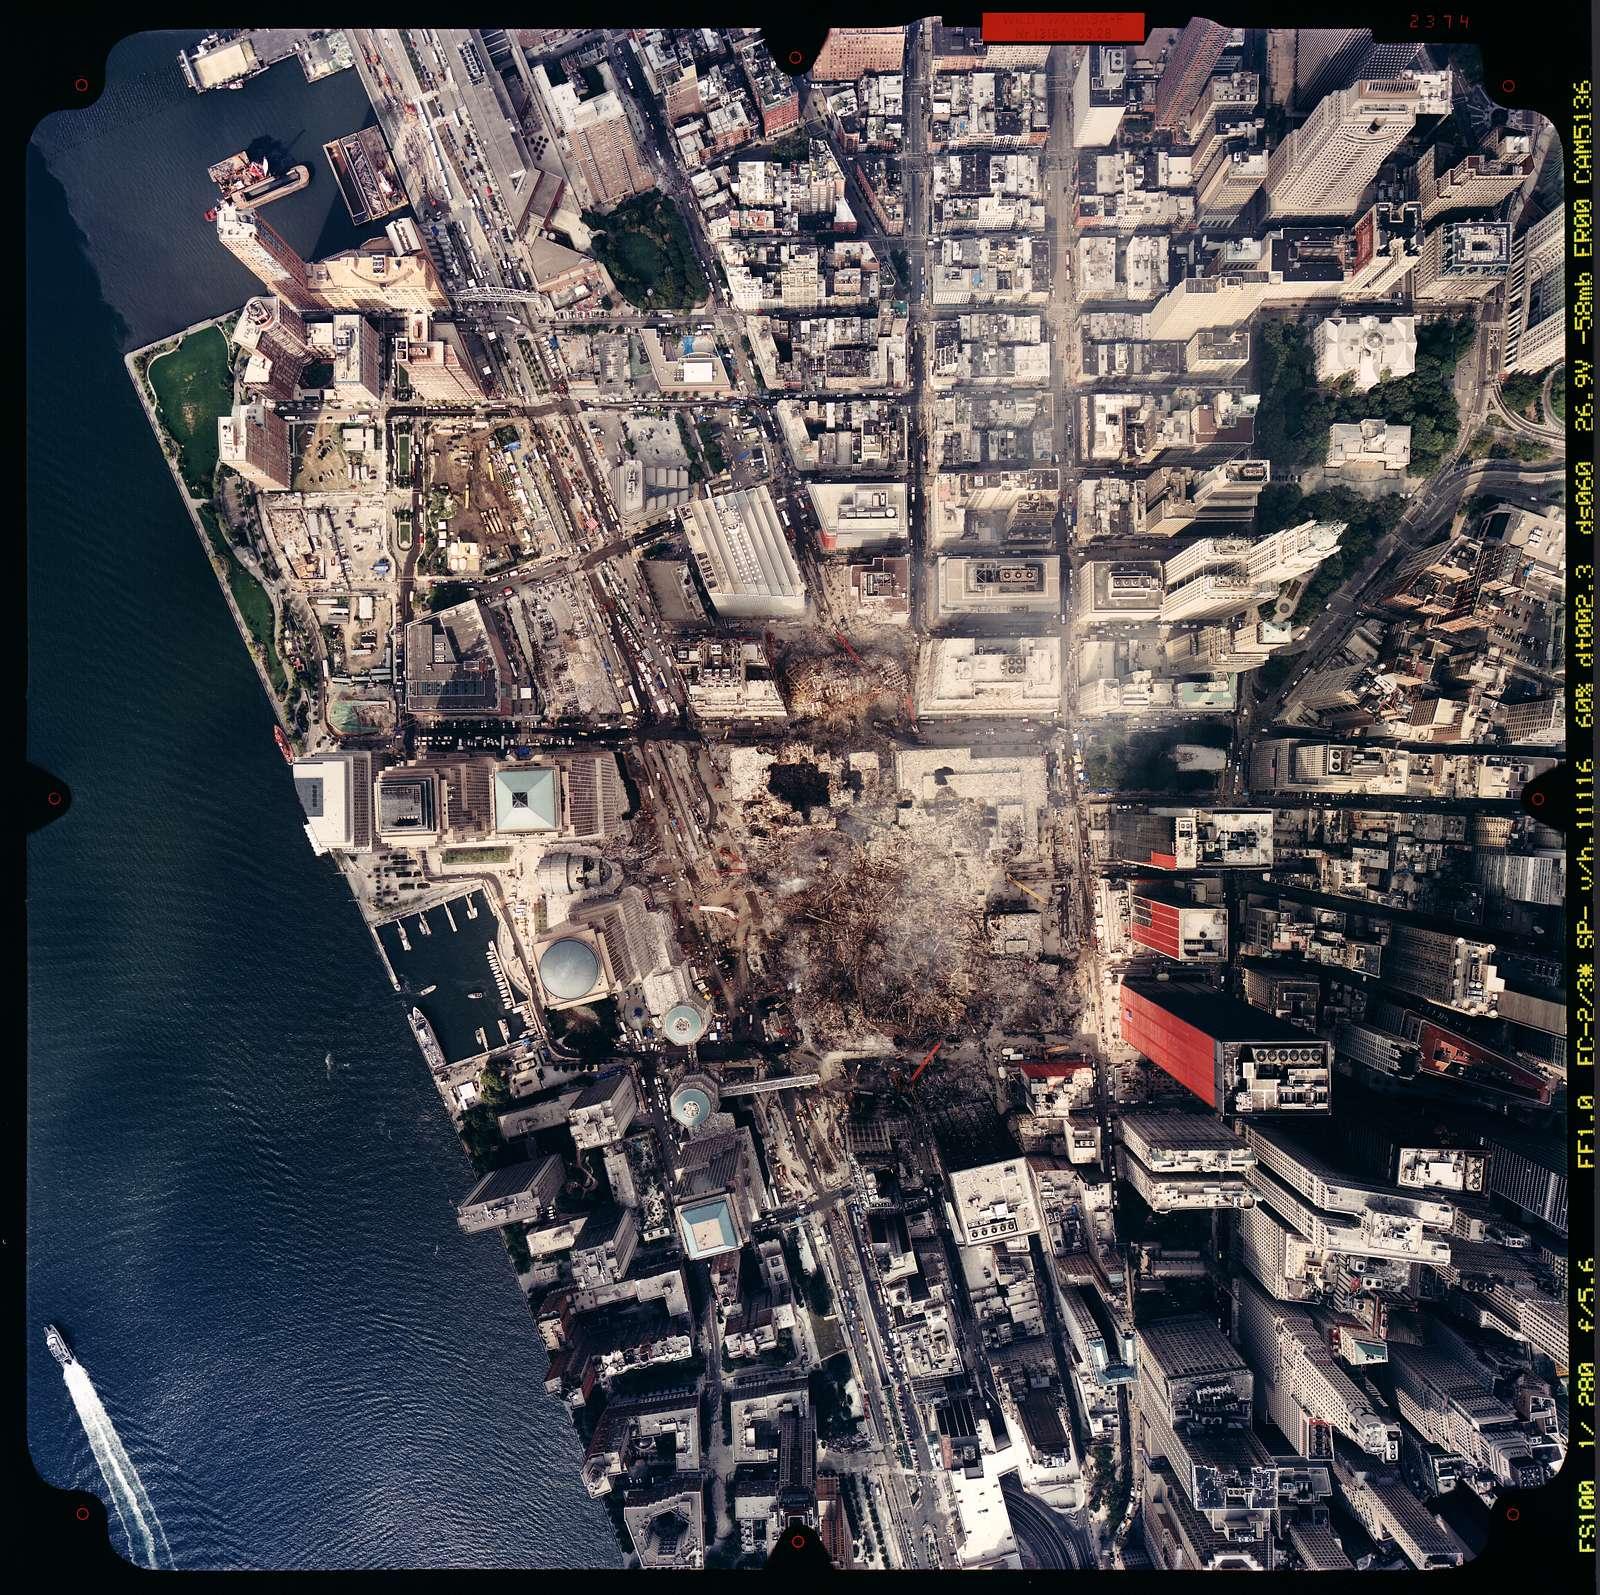 World Trade Center, September 23, 2001.